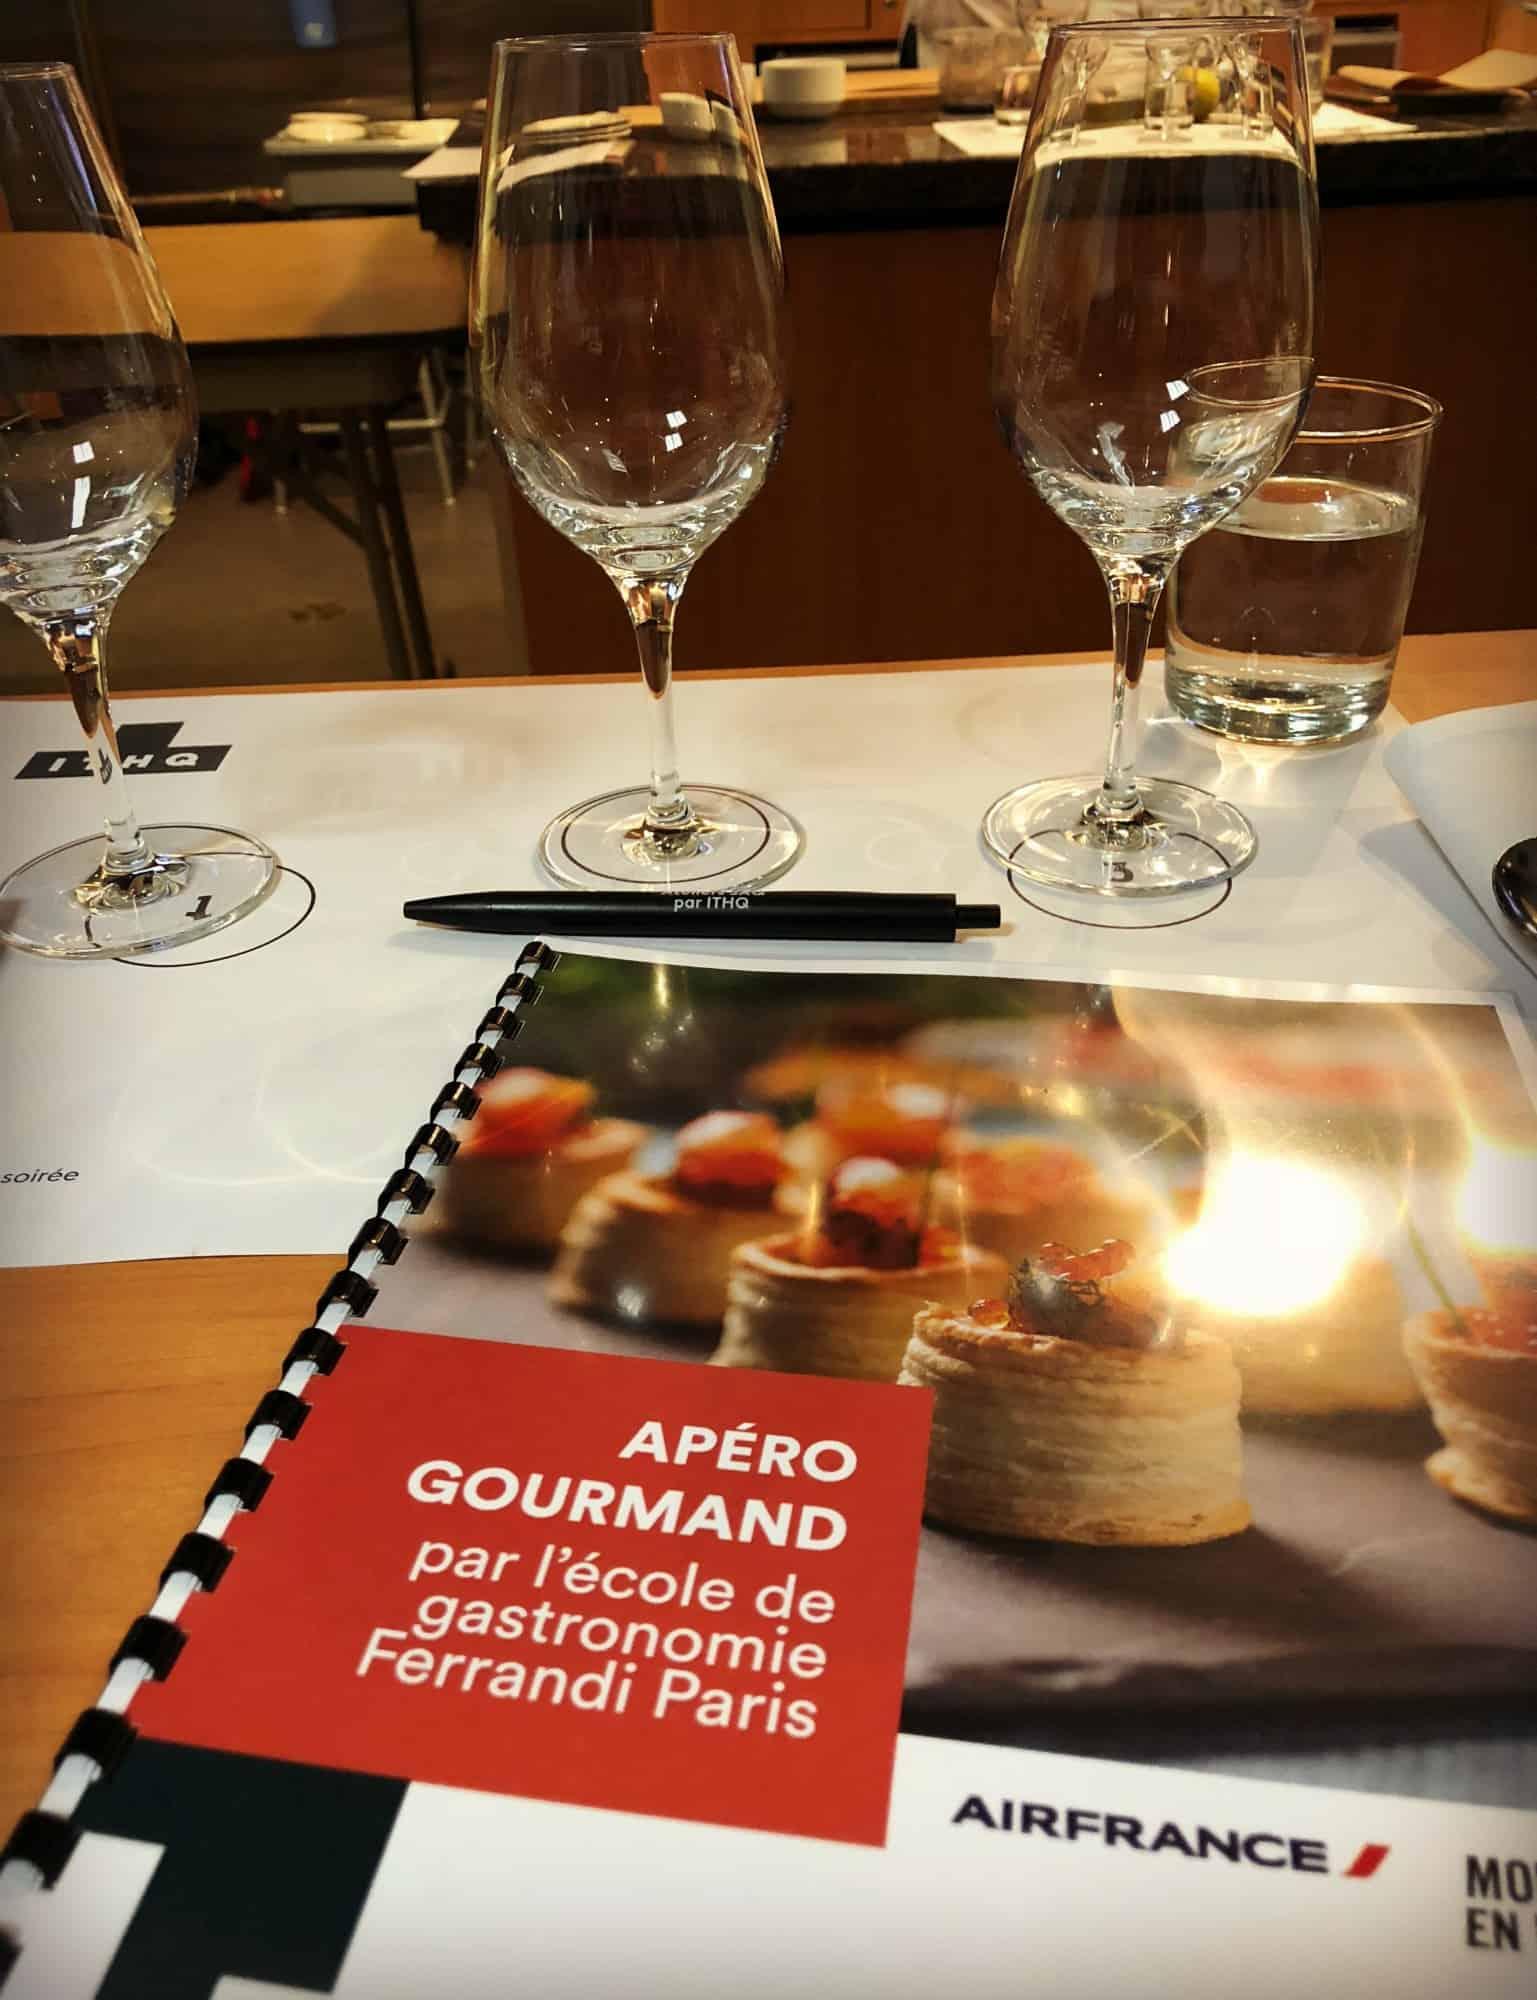 Les Ateliers de l'ITHQ - Apéro gourmand